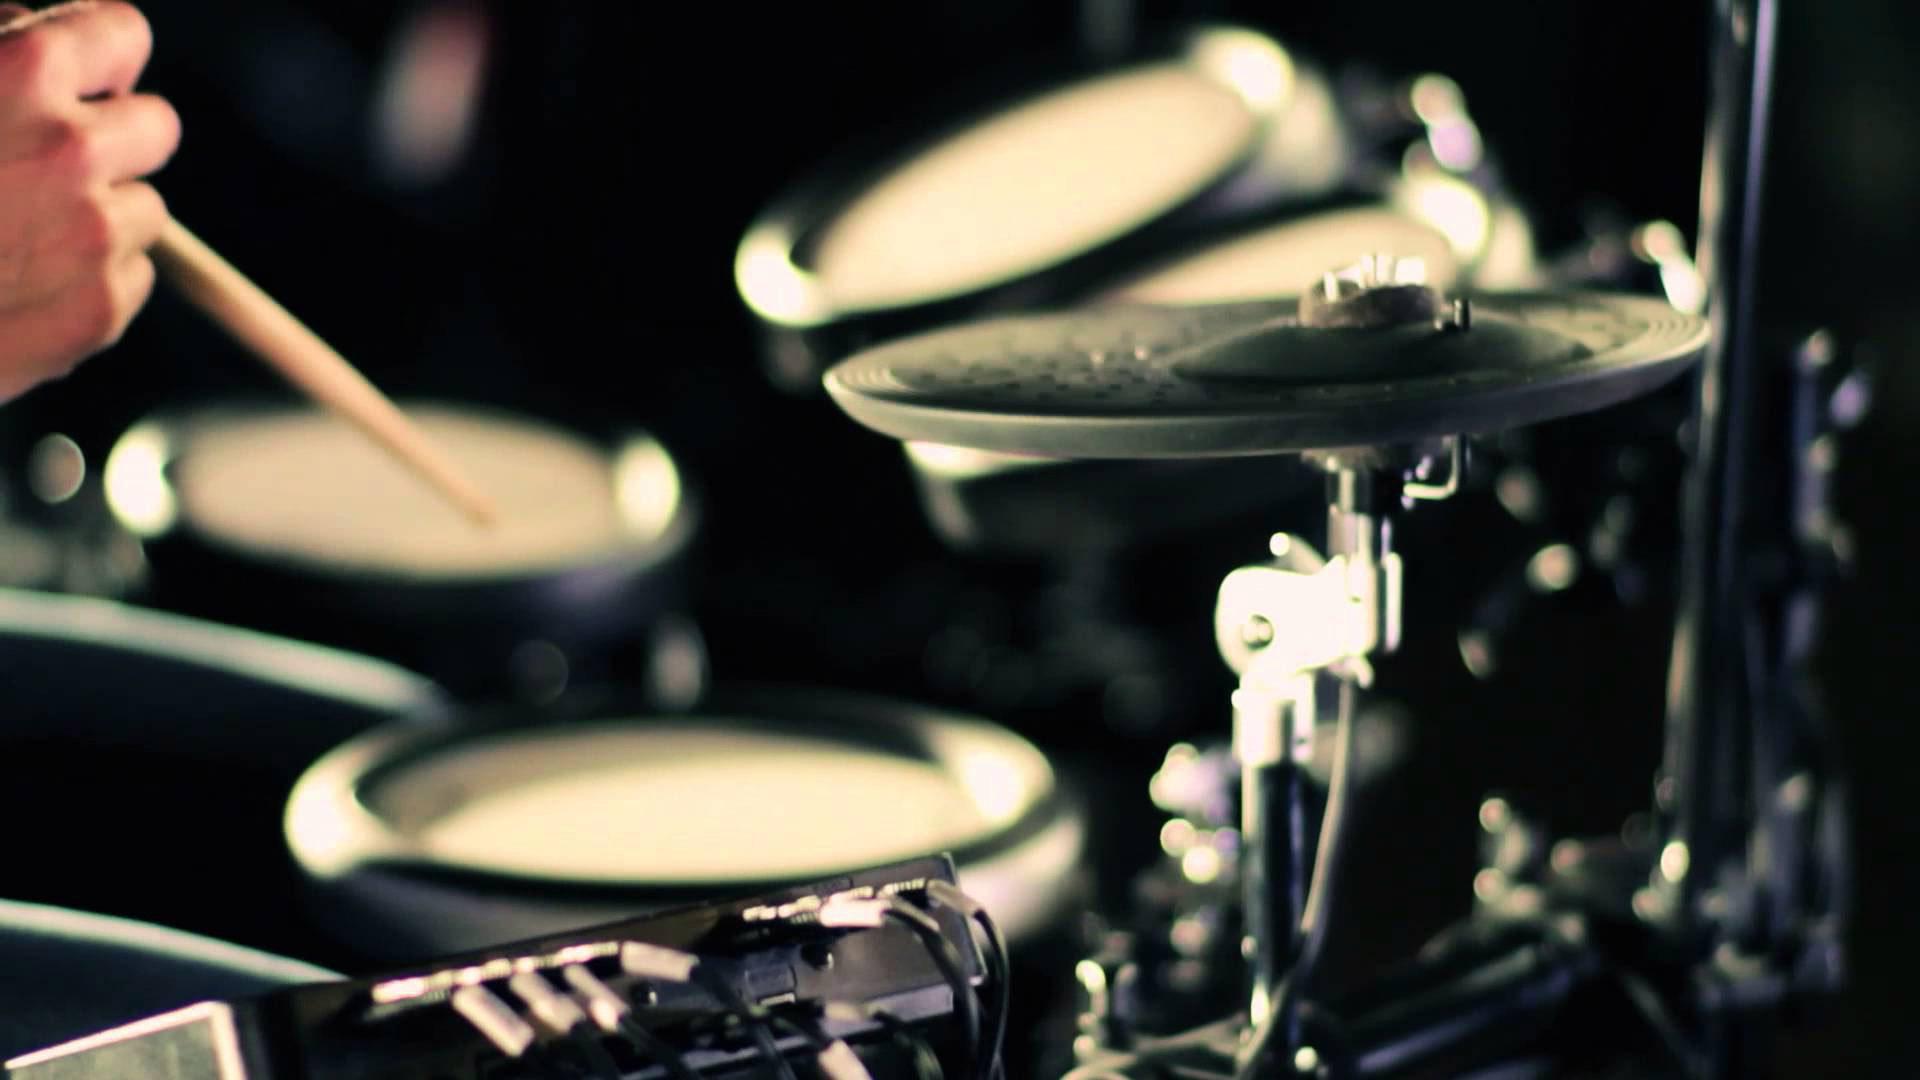 electric drum set widescreen desktop wallpaper 1220